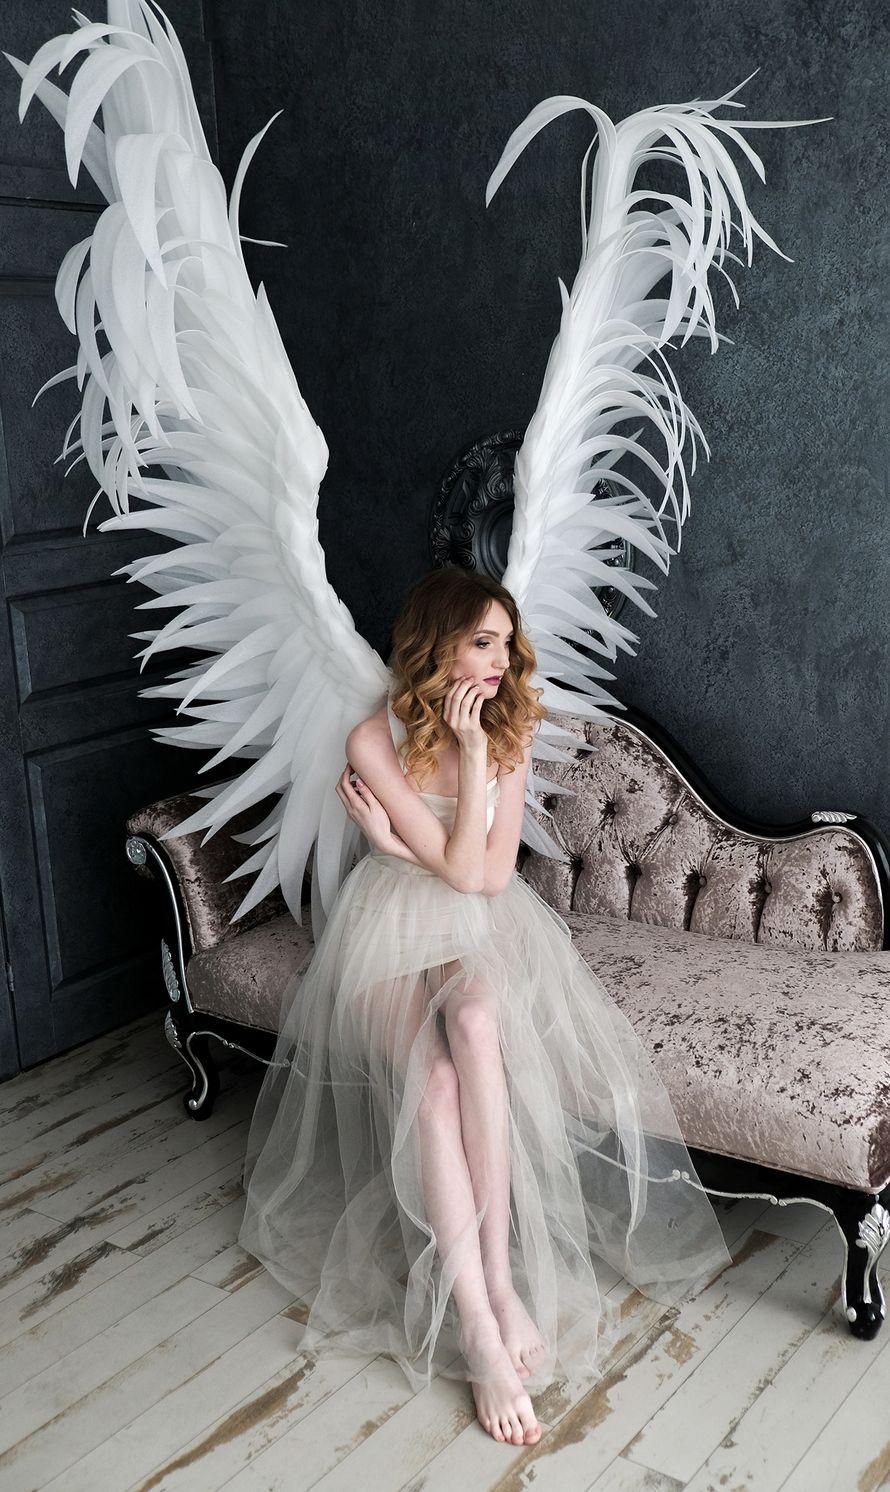 это фотосессия с крыльями ангела в студии москва интересно, чистом виде